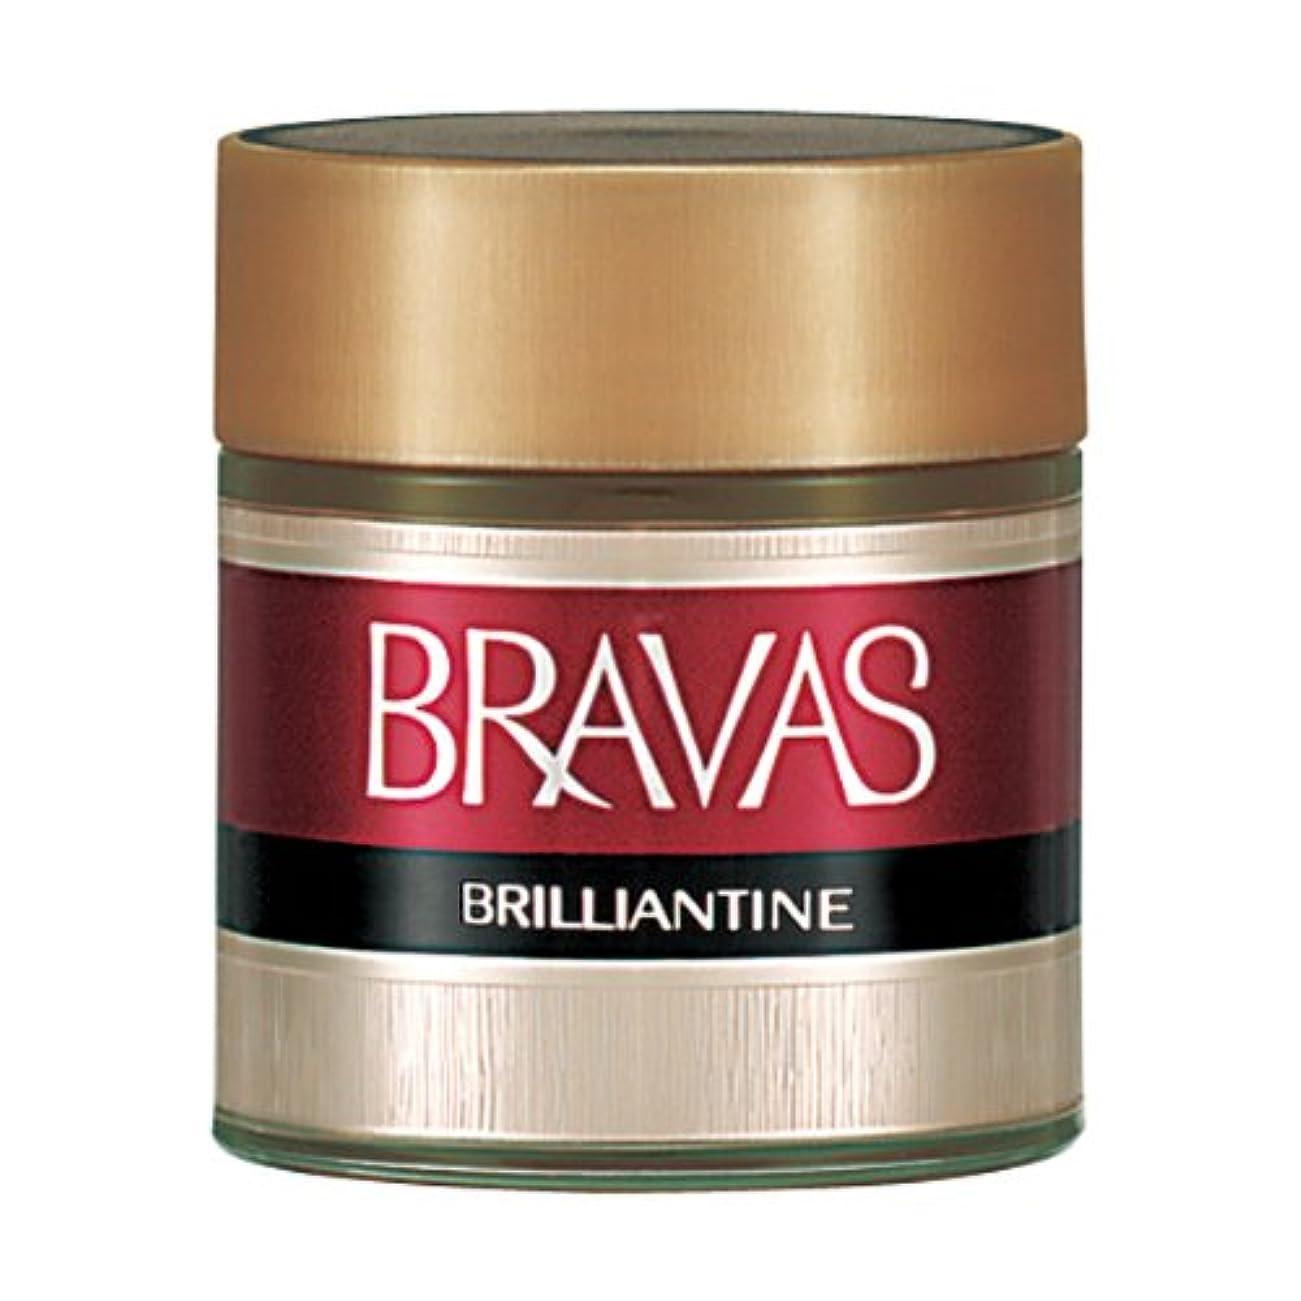 儀式最少ほめるブラバス ブリランチン 85g